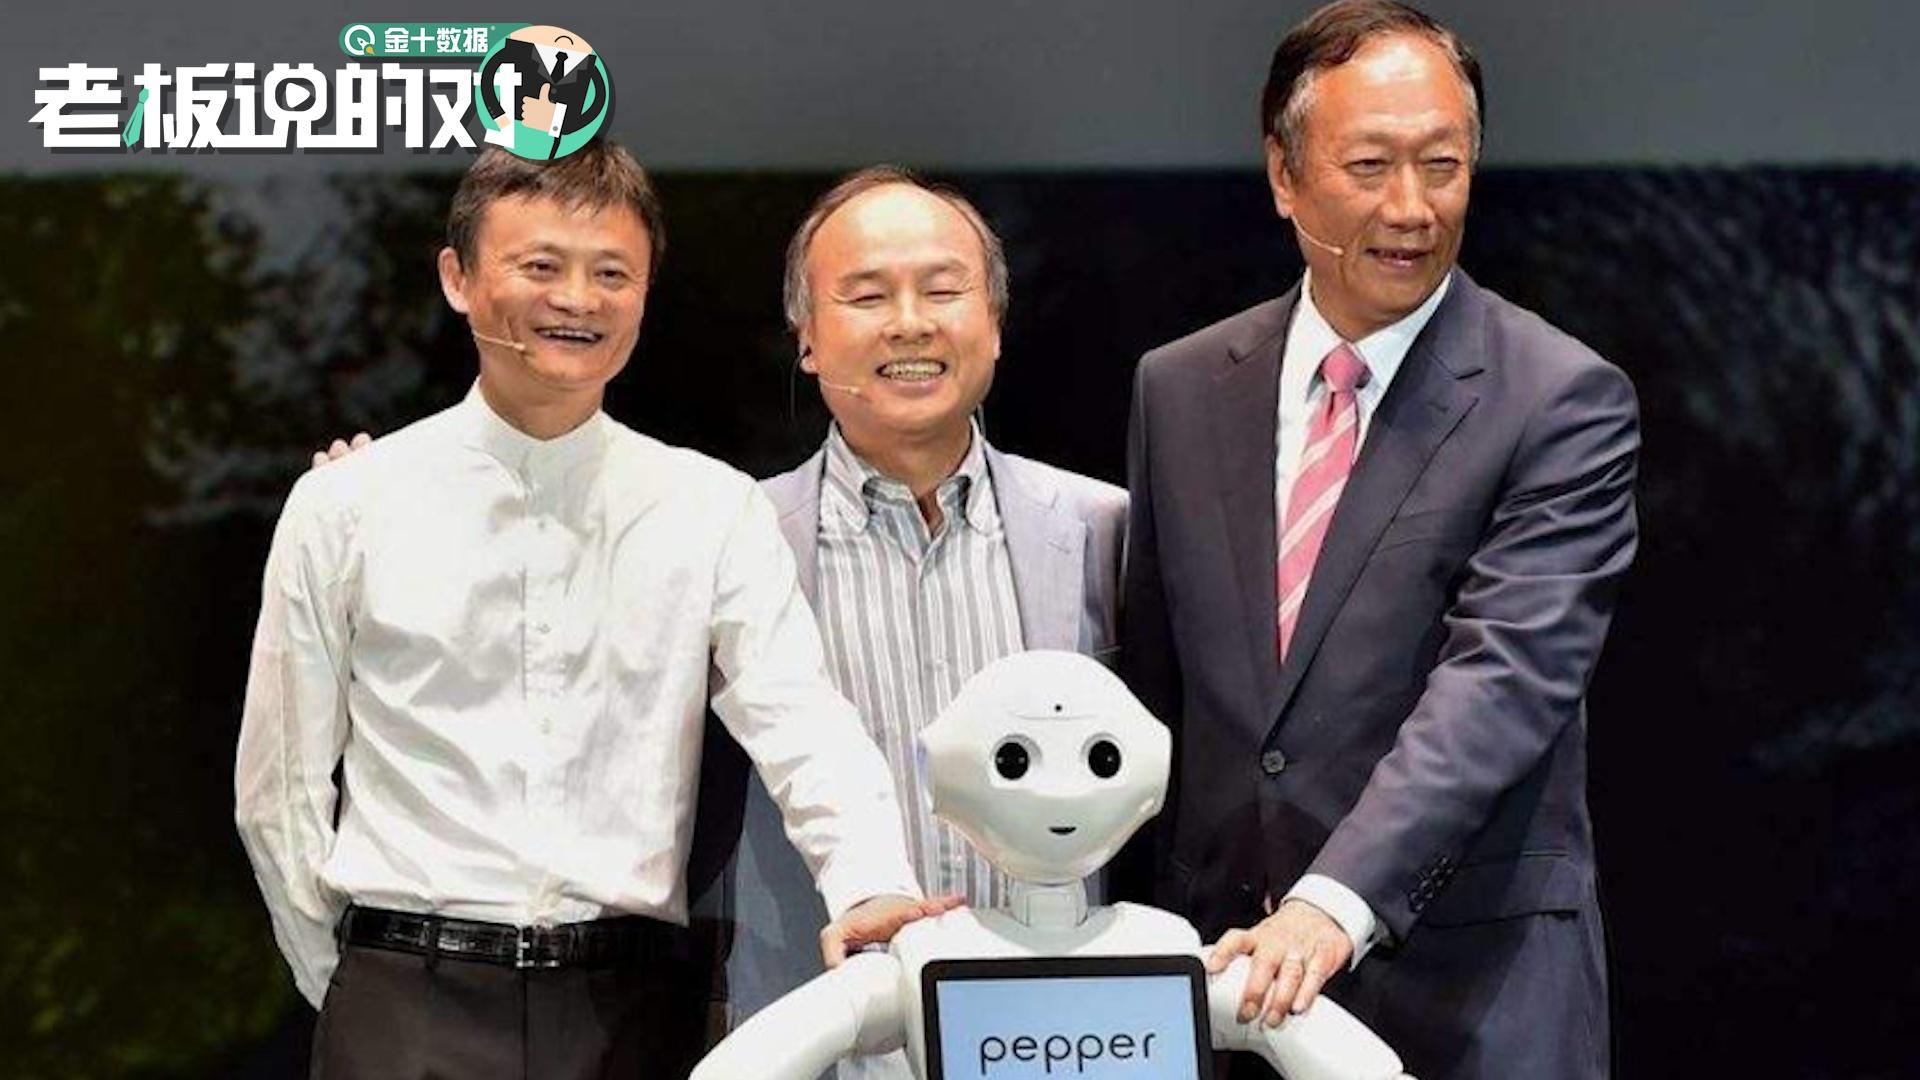 软银在日本推出送餐机器人,帮助缓解用工荒:每月费用6461元